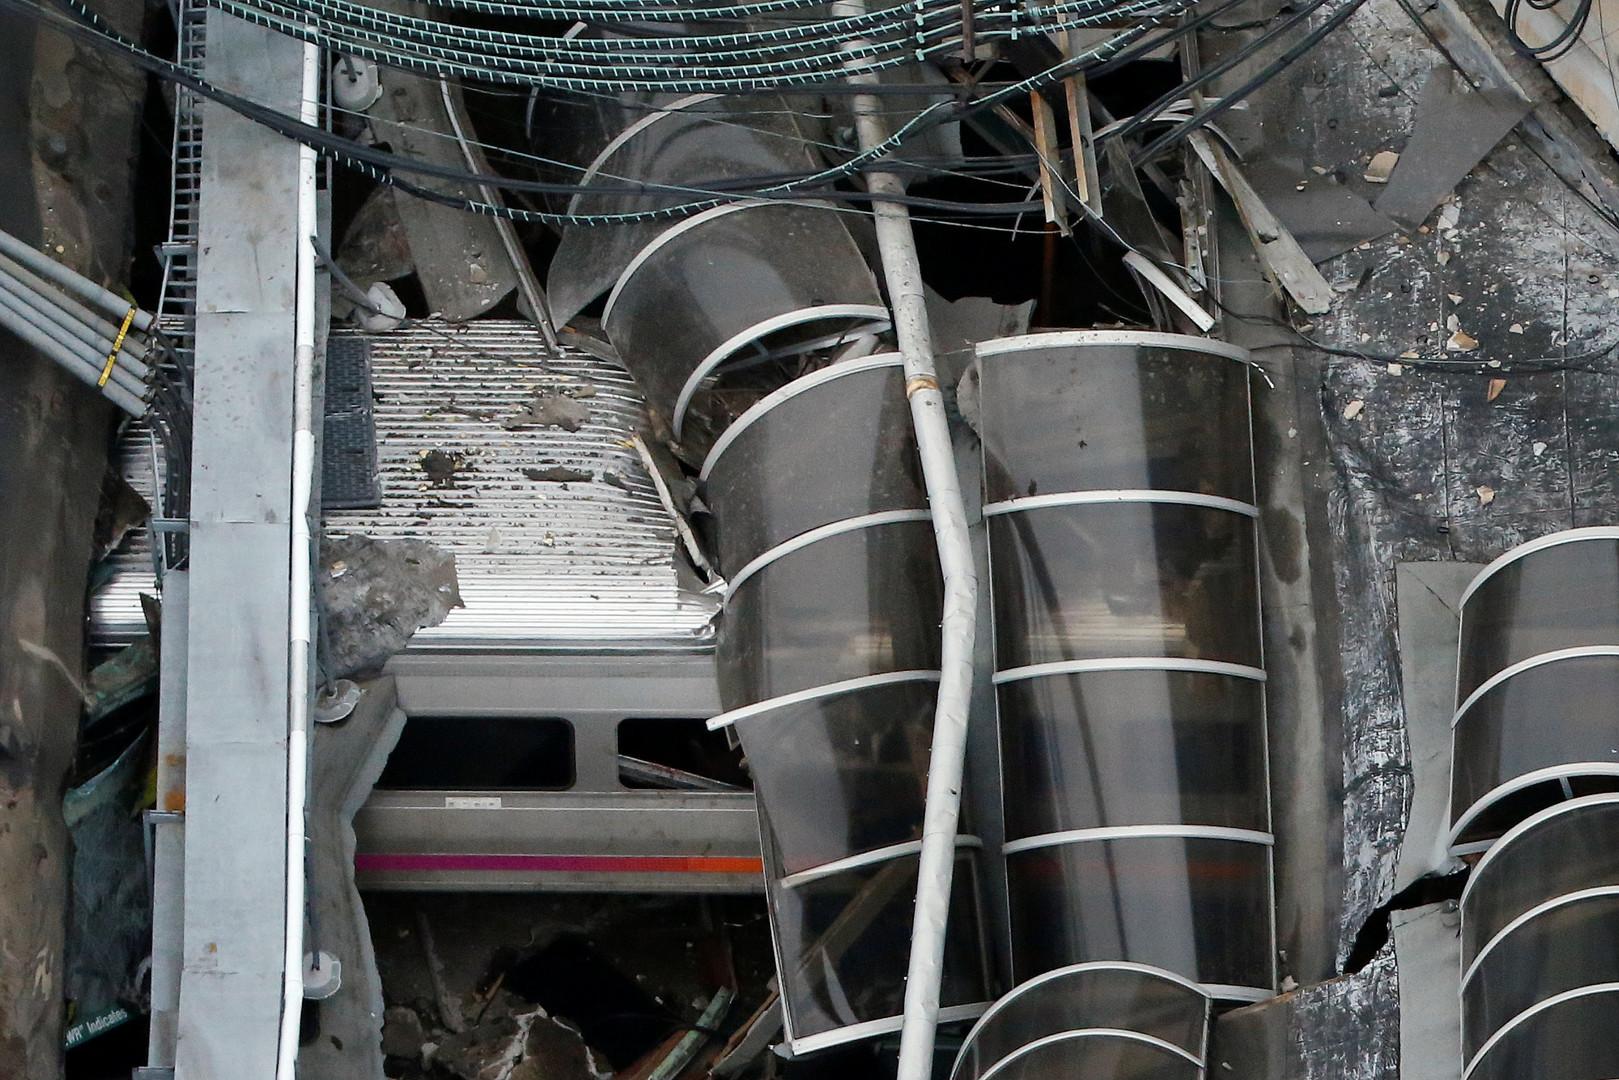 Один из вагонов поезда, врезавшегося в станцию в американском городе Хобокен, штат Нью-Джерси.